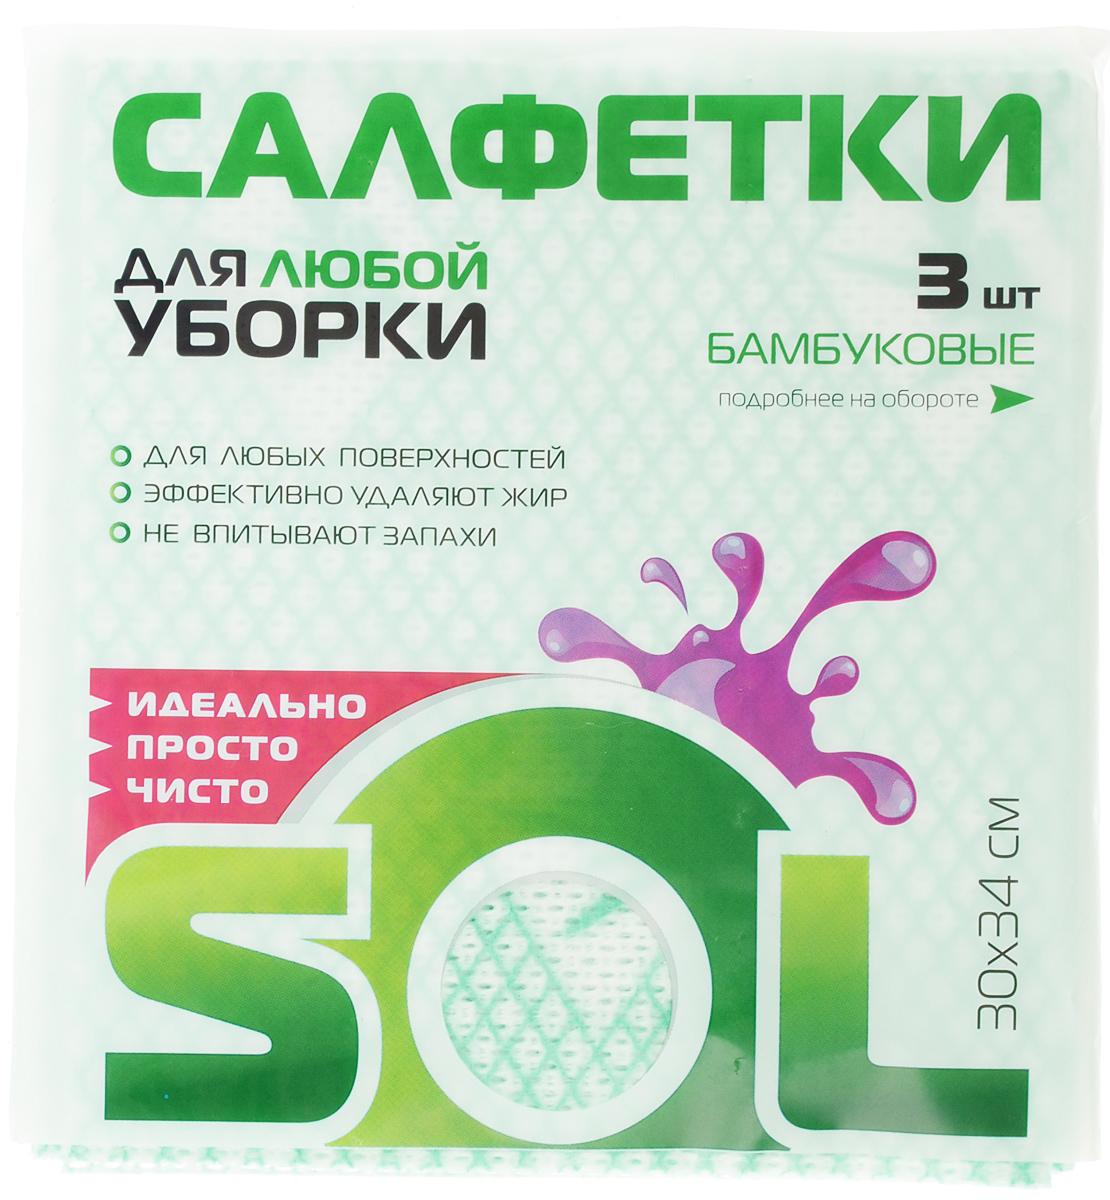 Салфетка для уборки Sol, из бамбукового волокна, цвет: белый, зеленый, 30 x 34 см, 3 шт10001/70007Салфетки Sol, выполненные из бамбукового волокна, вискозы и полиэстера, предназначены для уборки. Бамбуковое волокно - экологичный и безопасный для здоровья человека материал, не содержащий в своем составе никаких химический добавок, синтетических материалов и примесей. Благодаря трубчатой структуре волокон, жир и грязь не впитываются в ткань, легко вымываются обычной водой. Рекомендации по уходу: Бамбуковые салфетки не требуют особого ухода. После каждого использования их рекомендуется промыть под струей воды и просушить. Периодически рекомендуется простирывать салфетки мылом. Не следует стирать их с порошками, а также специальными очистителями или бытовыми моющими средствами. Кроме того не рекомендуется сушить салфетки на батарее.